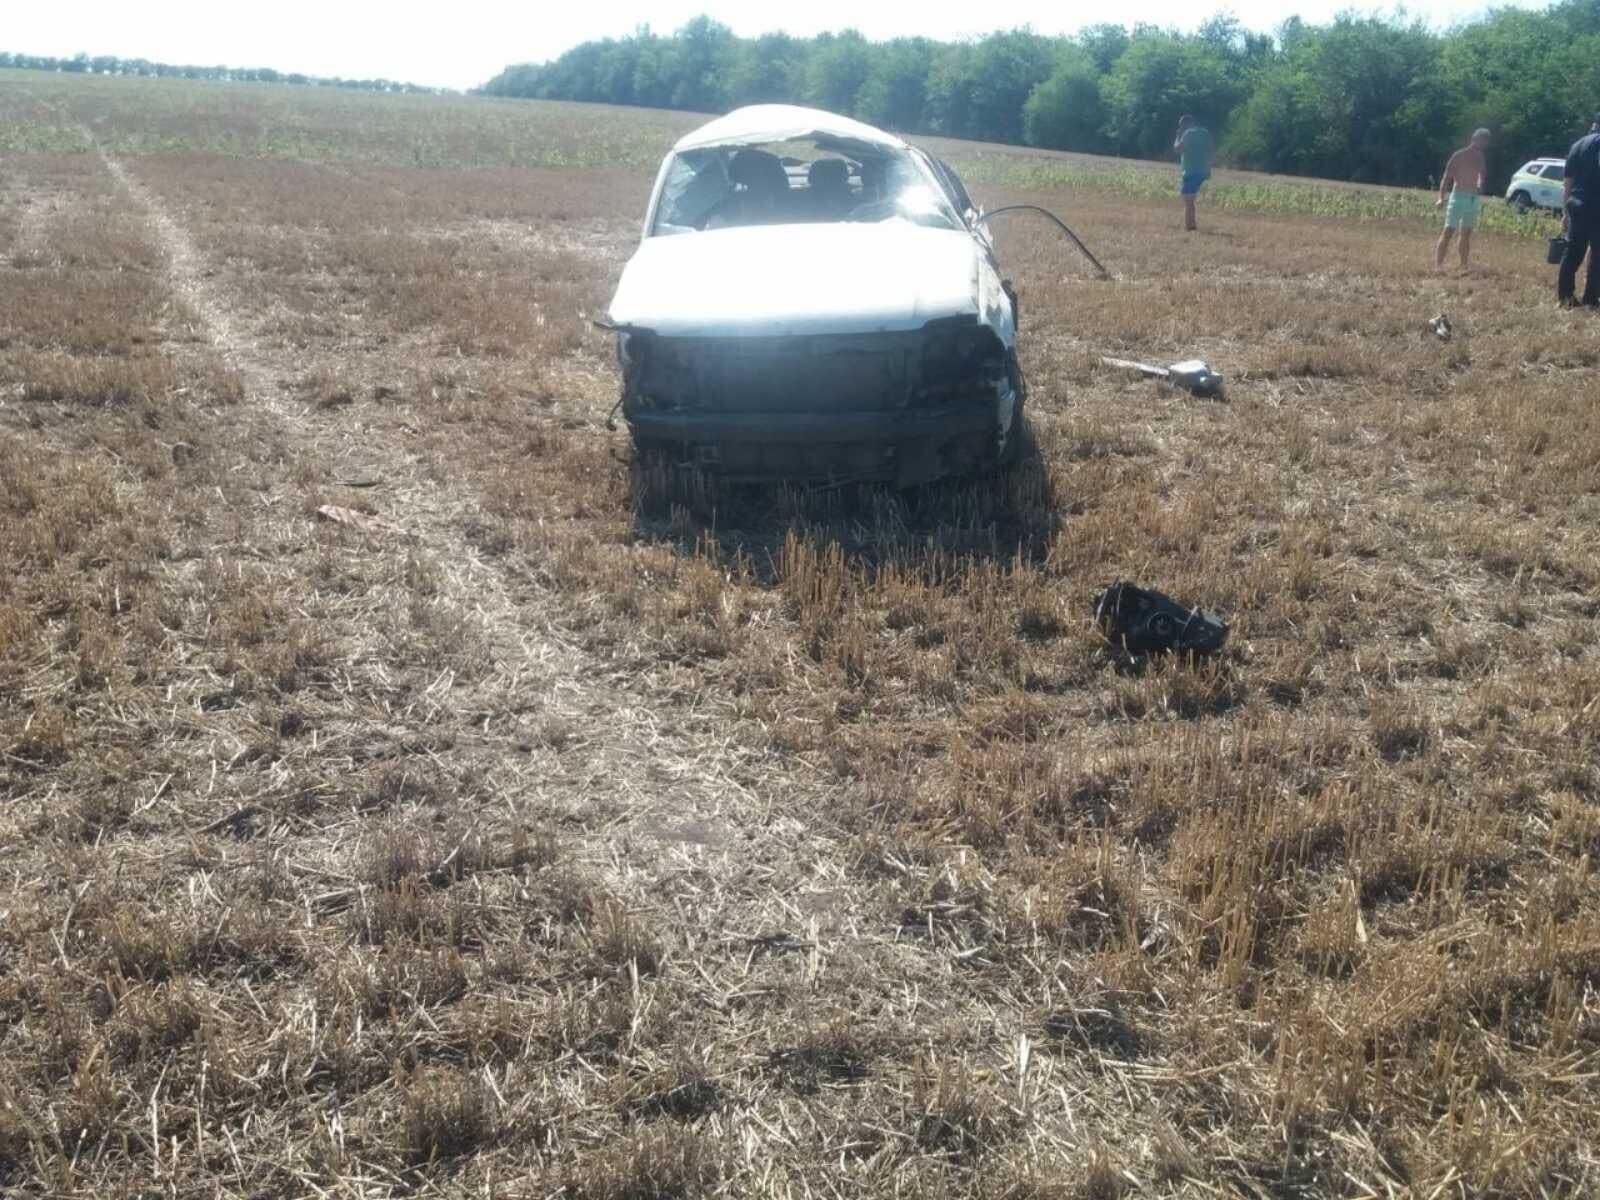 (FOTO) Accident fatal în raionul Edineț. Doi tineri de 16 și 18 ani au murit